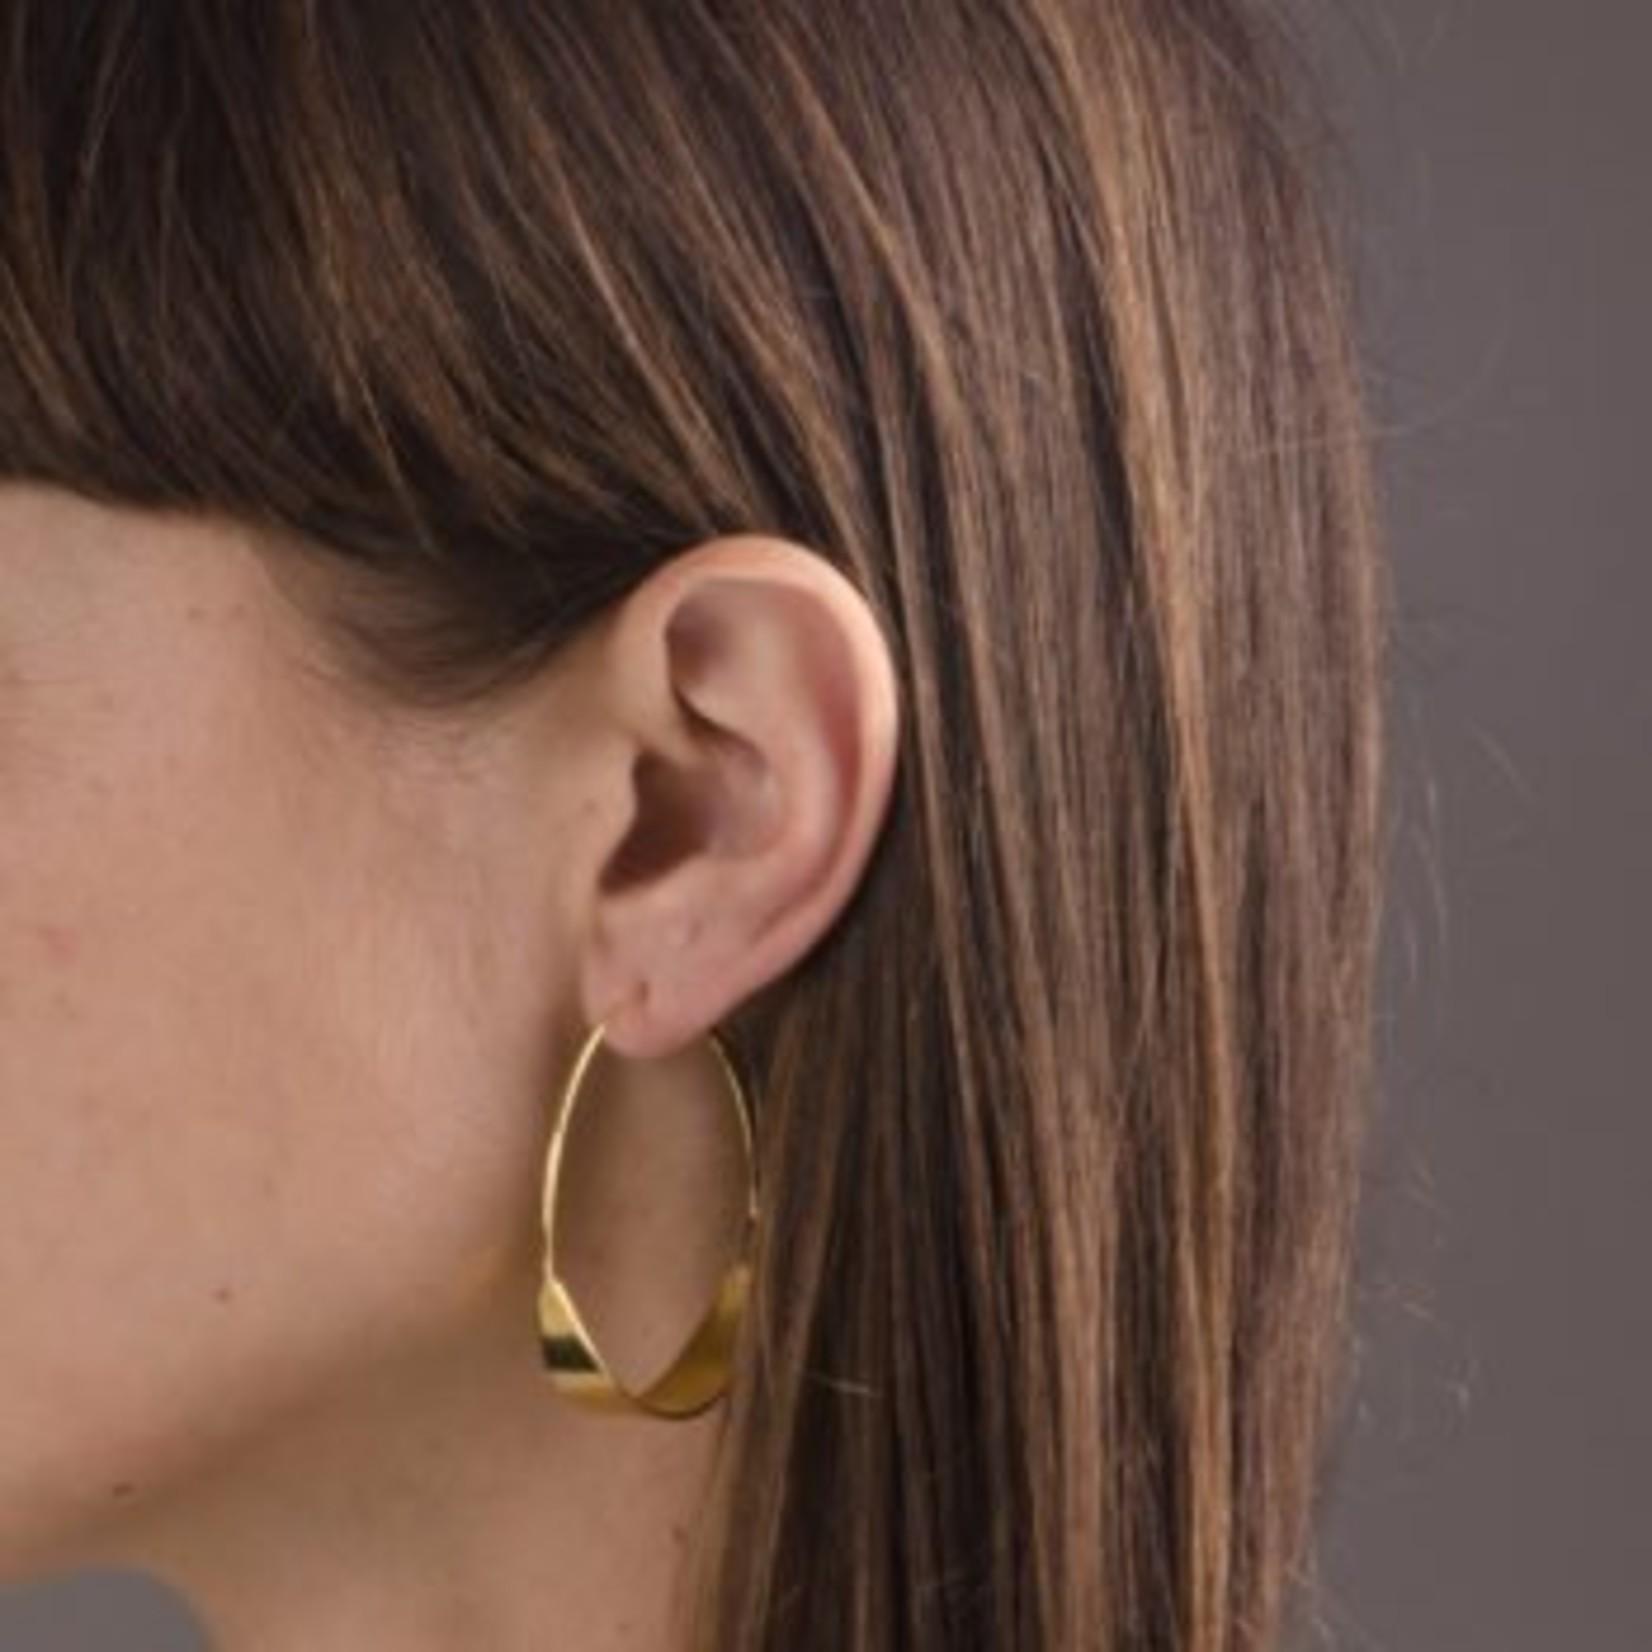 charlotte wooning earrings moon